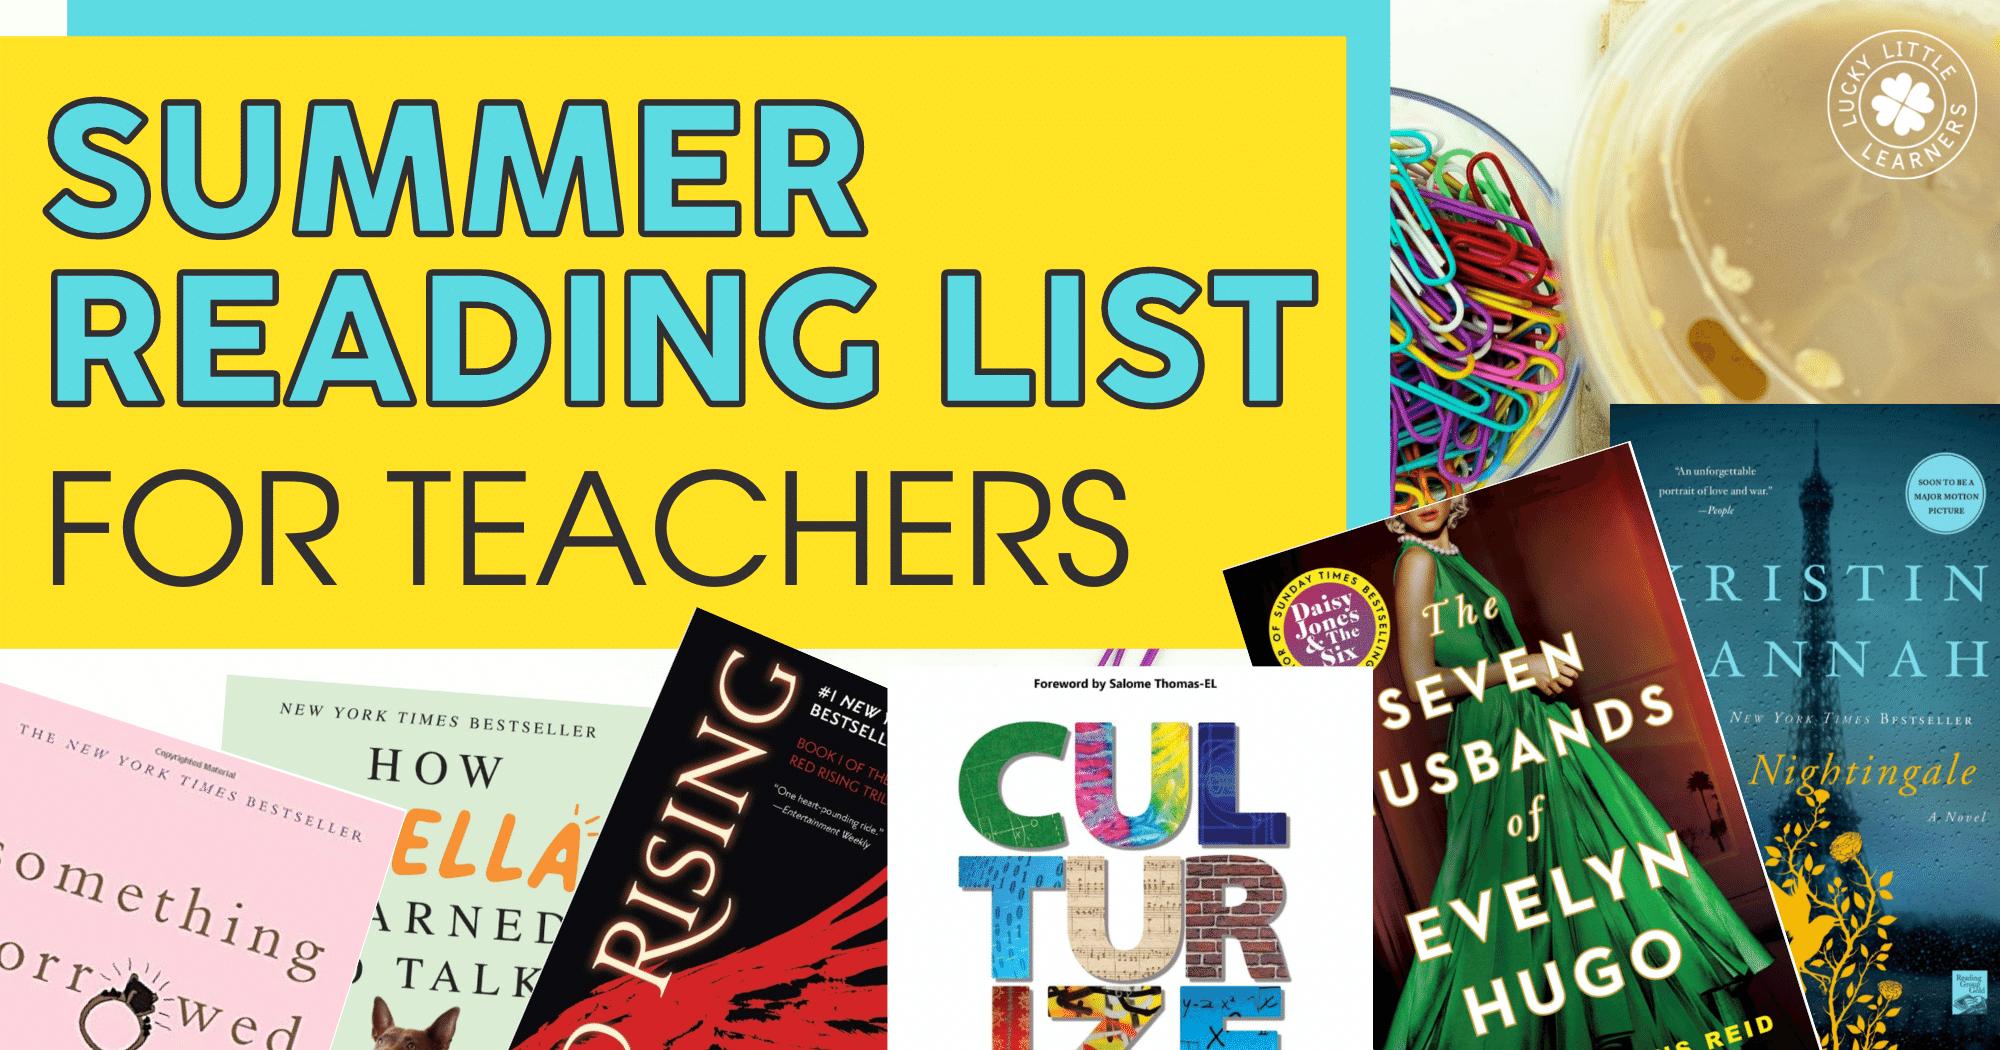 Summer Reading List for Teachers